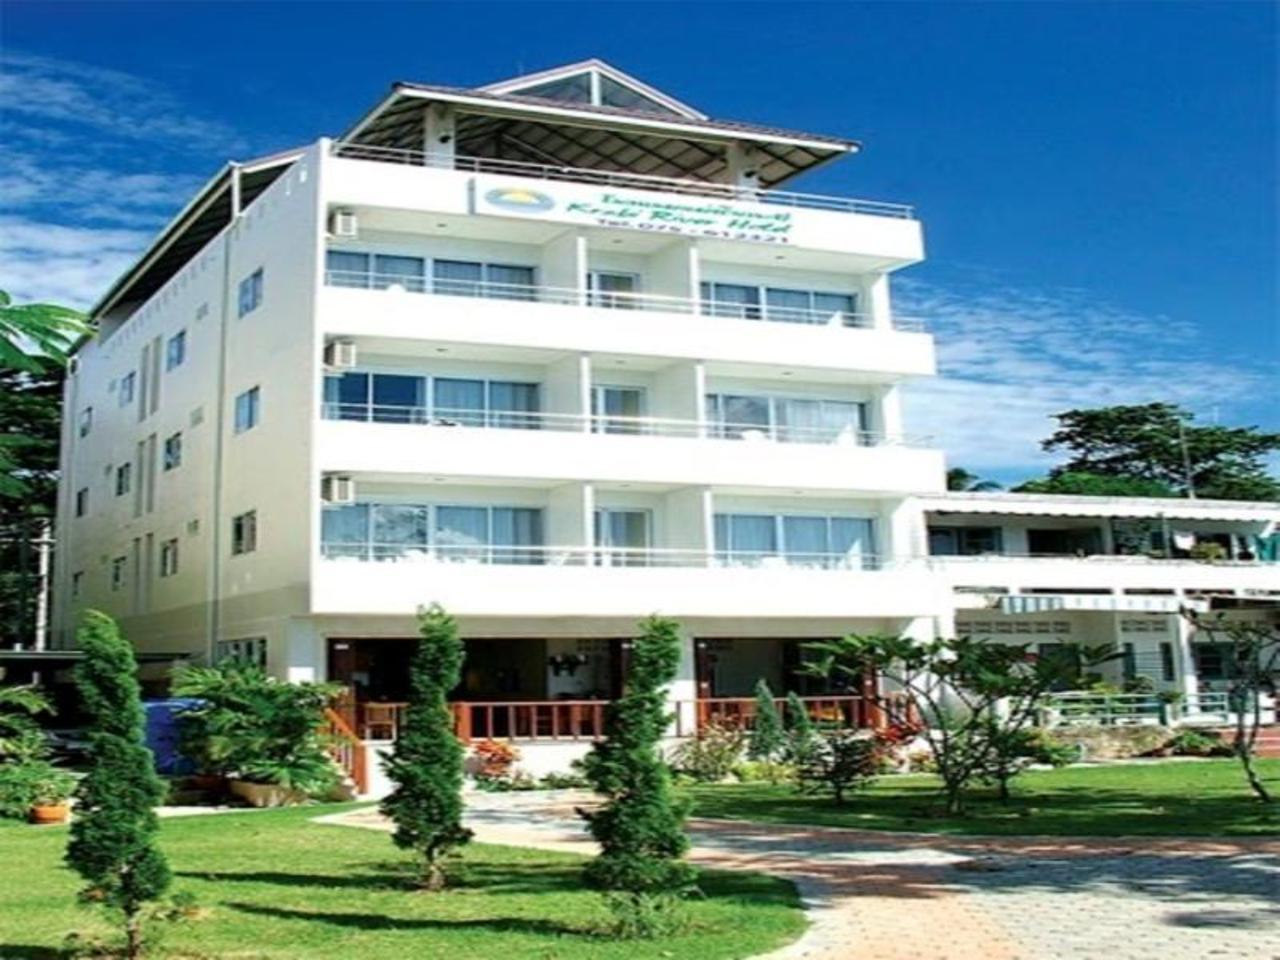 โรงแรมแม่น้ำกระบี่ (Krabi River Hotel)